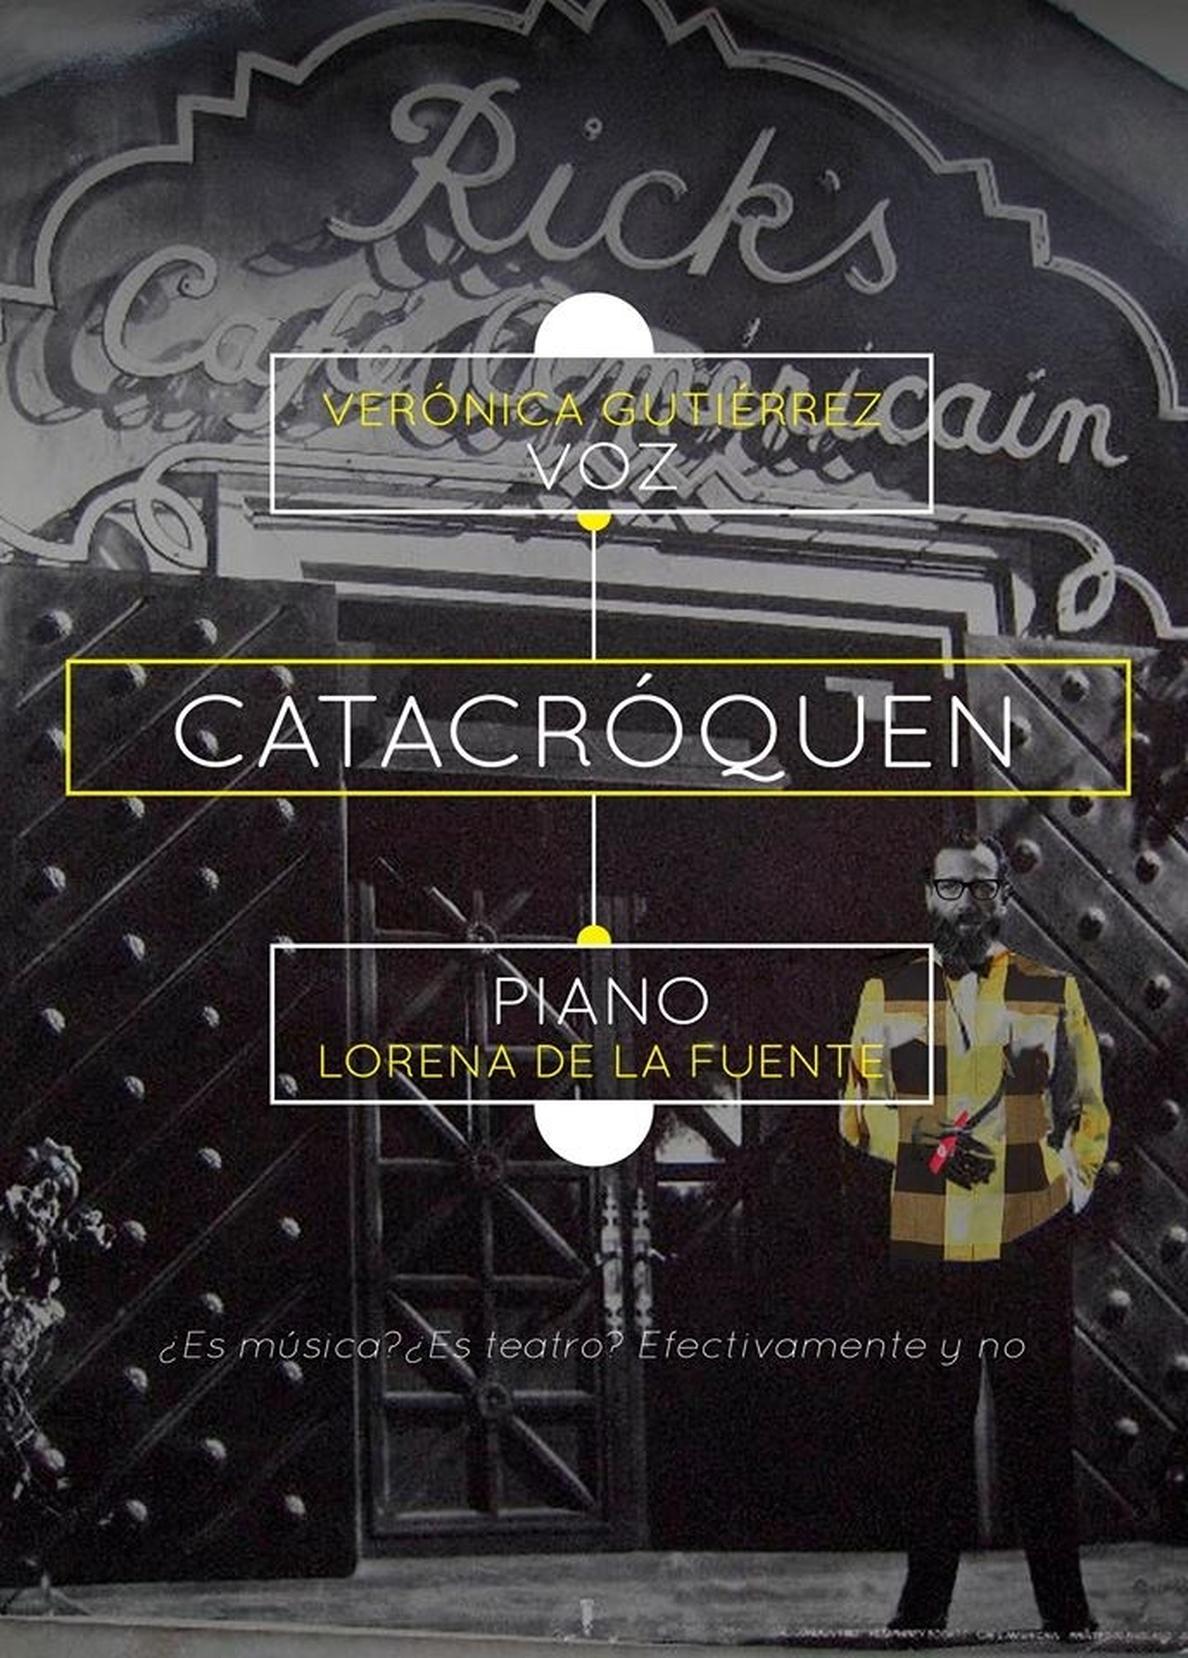 El Huerto acoge el estreno de »Catacróquen», un espectáculo cómico-músico-teatral que busca las carcajadas del público